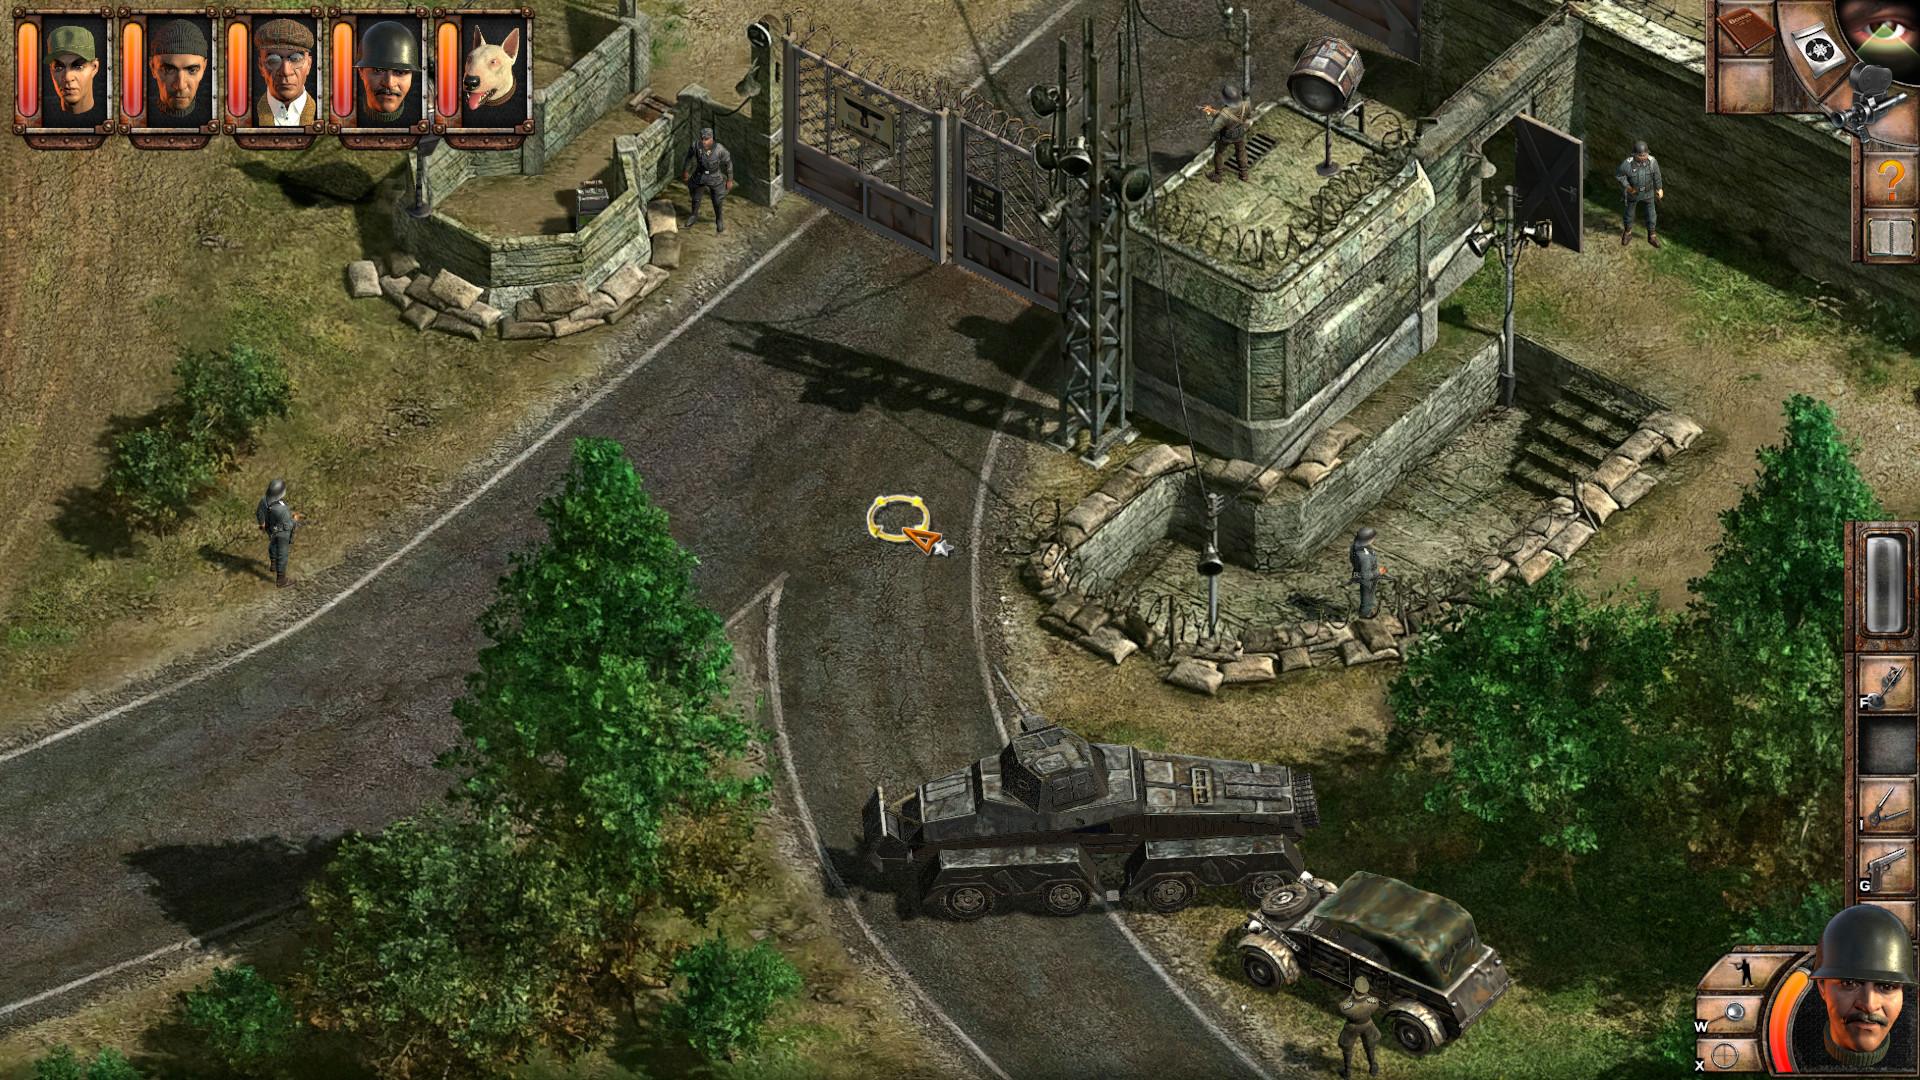 盟军敢死队 2 高清复刻版 游戏图集(9)